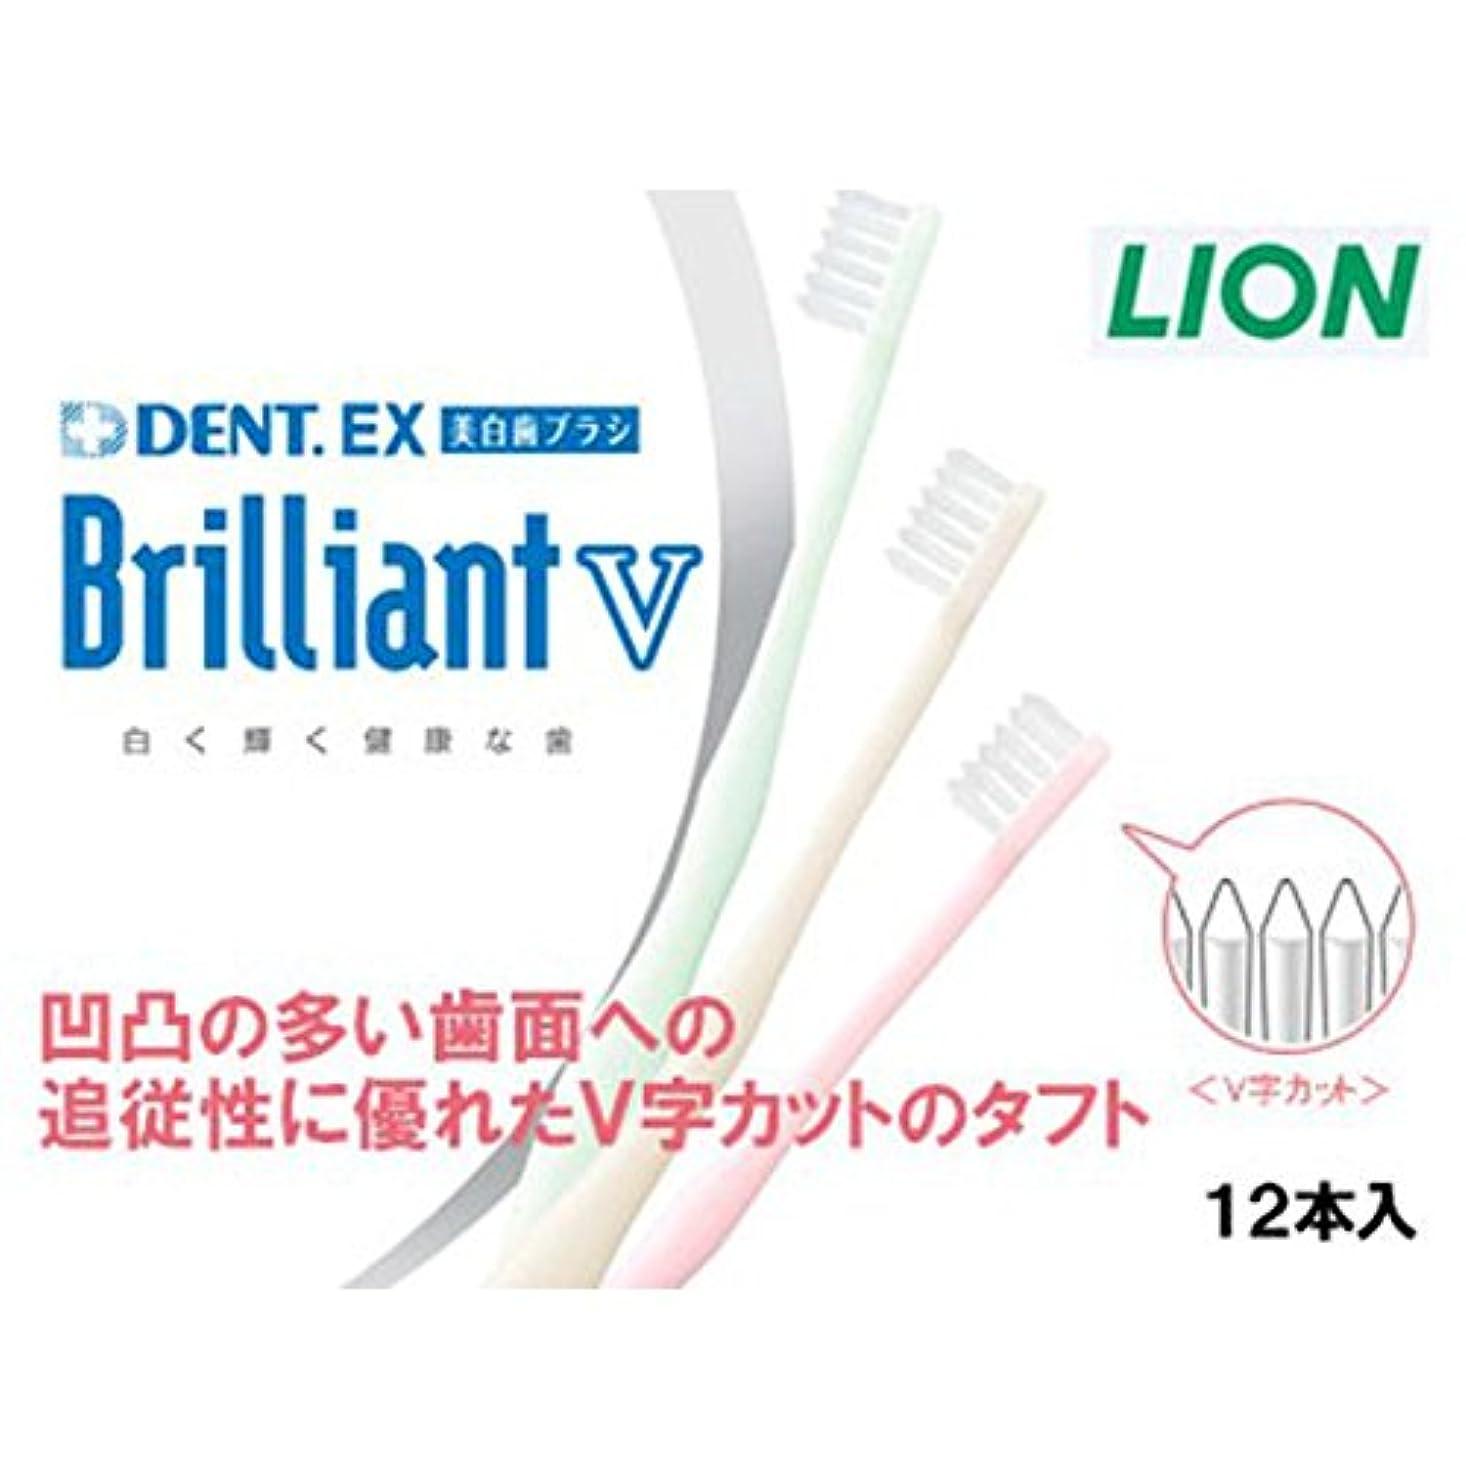 服を洗うスカウト容器ライオン ブリリアントV 歯ブラシ DENT.EX BrilliantV 12本